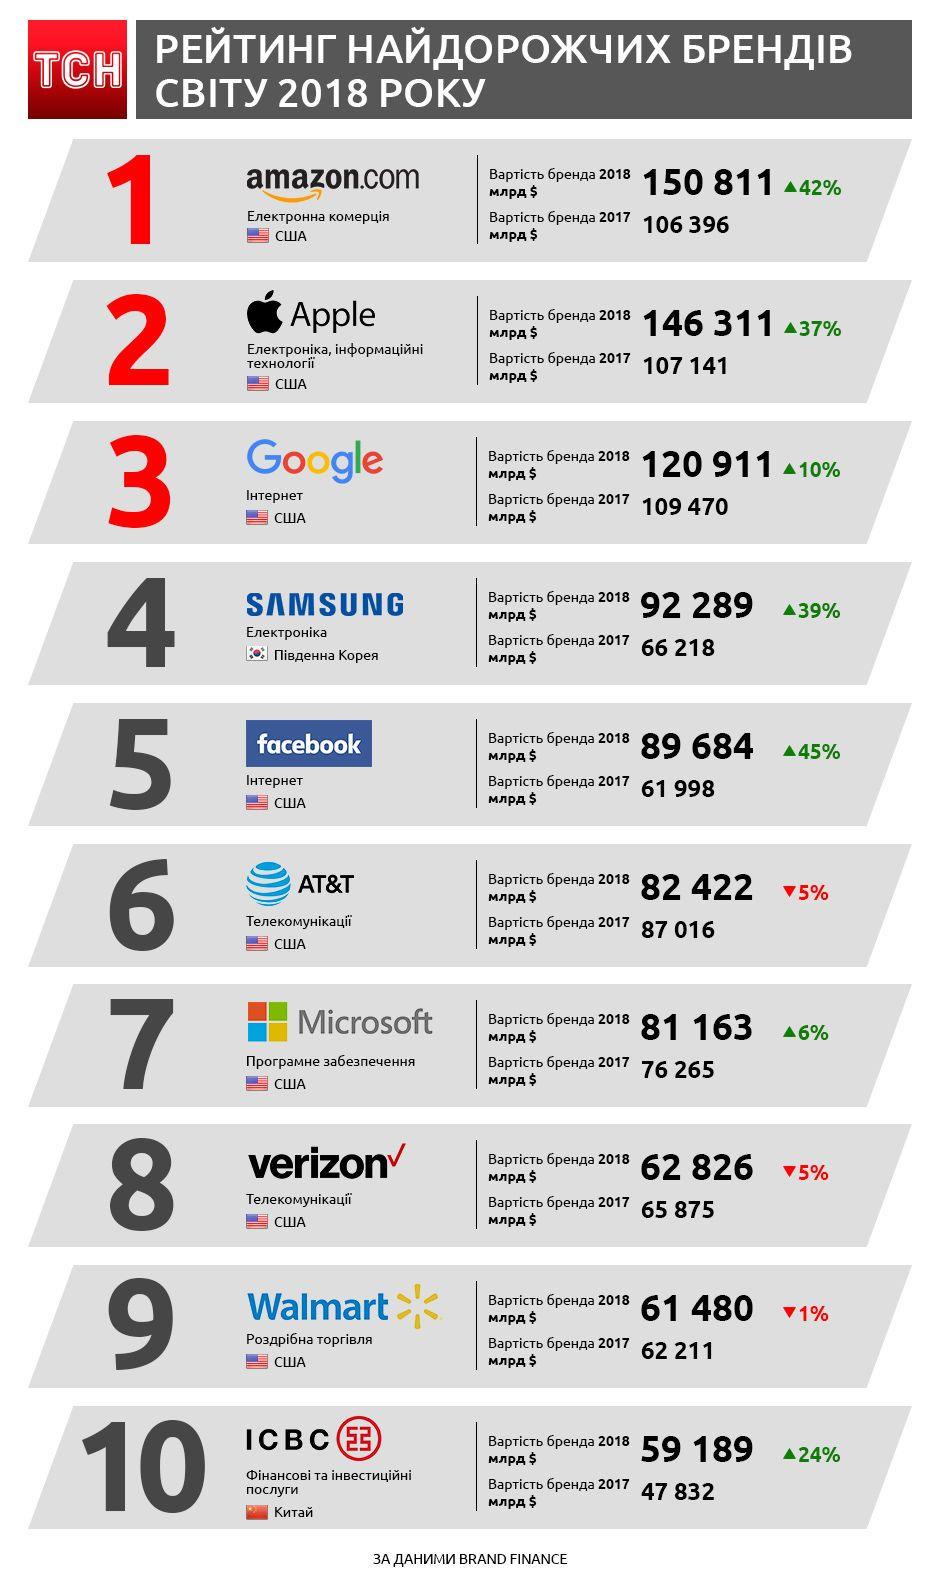 Найдорожчі бренди світу. Інфографіка